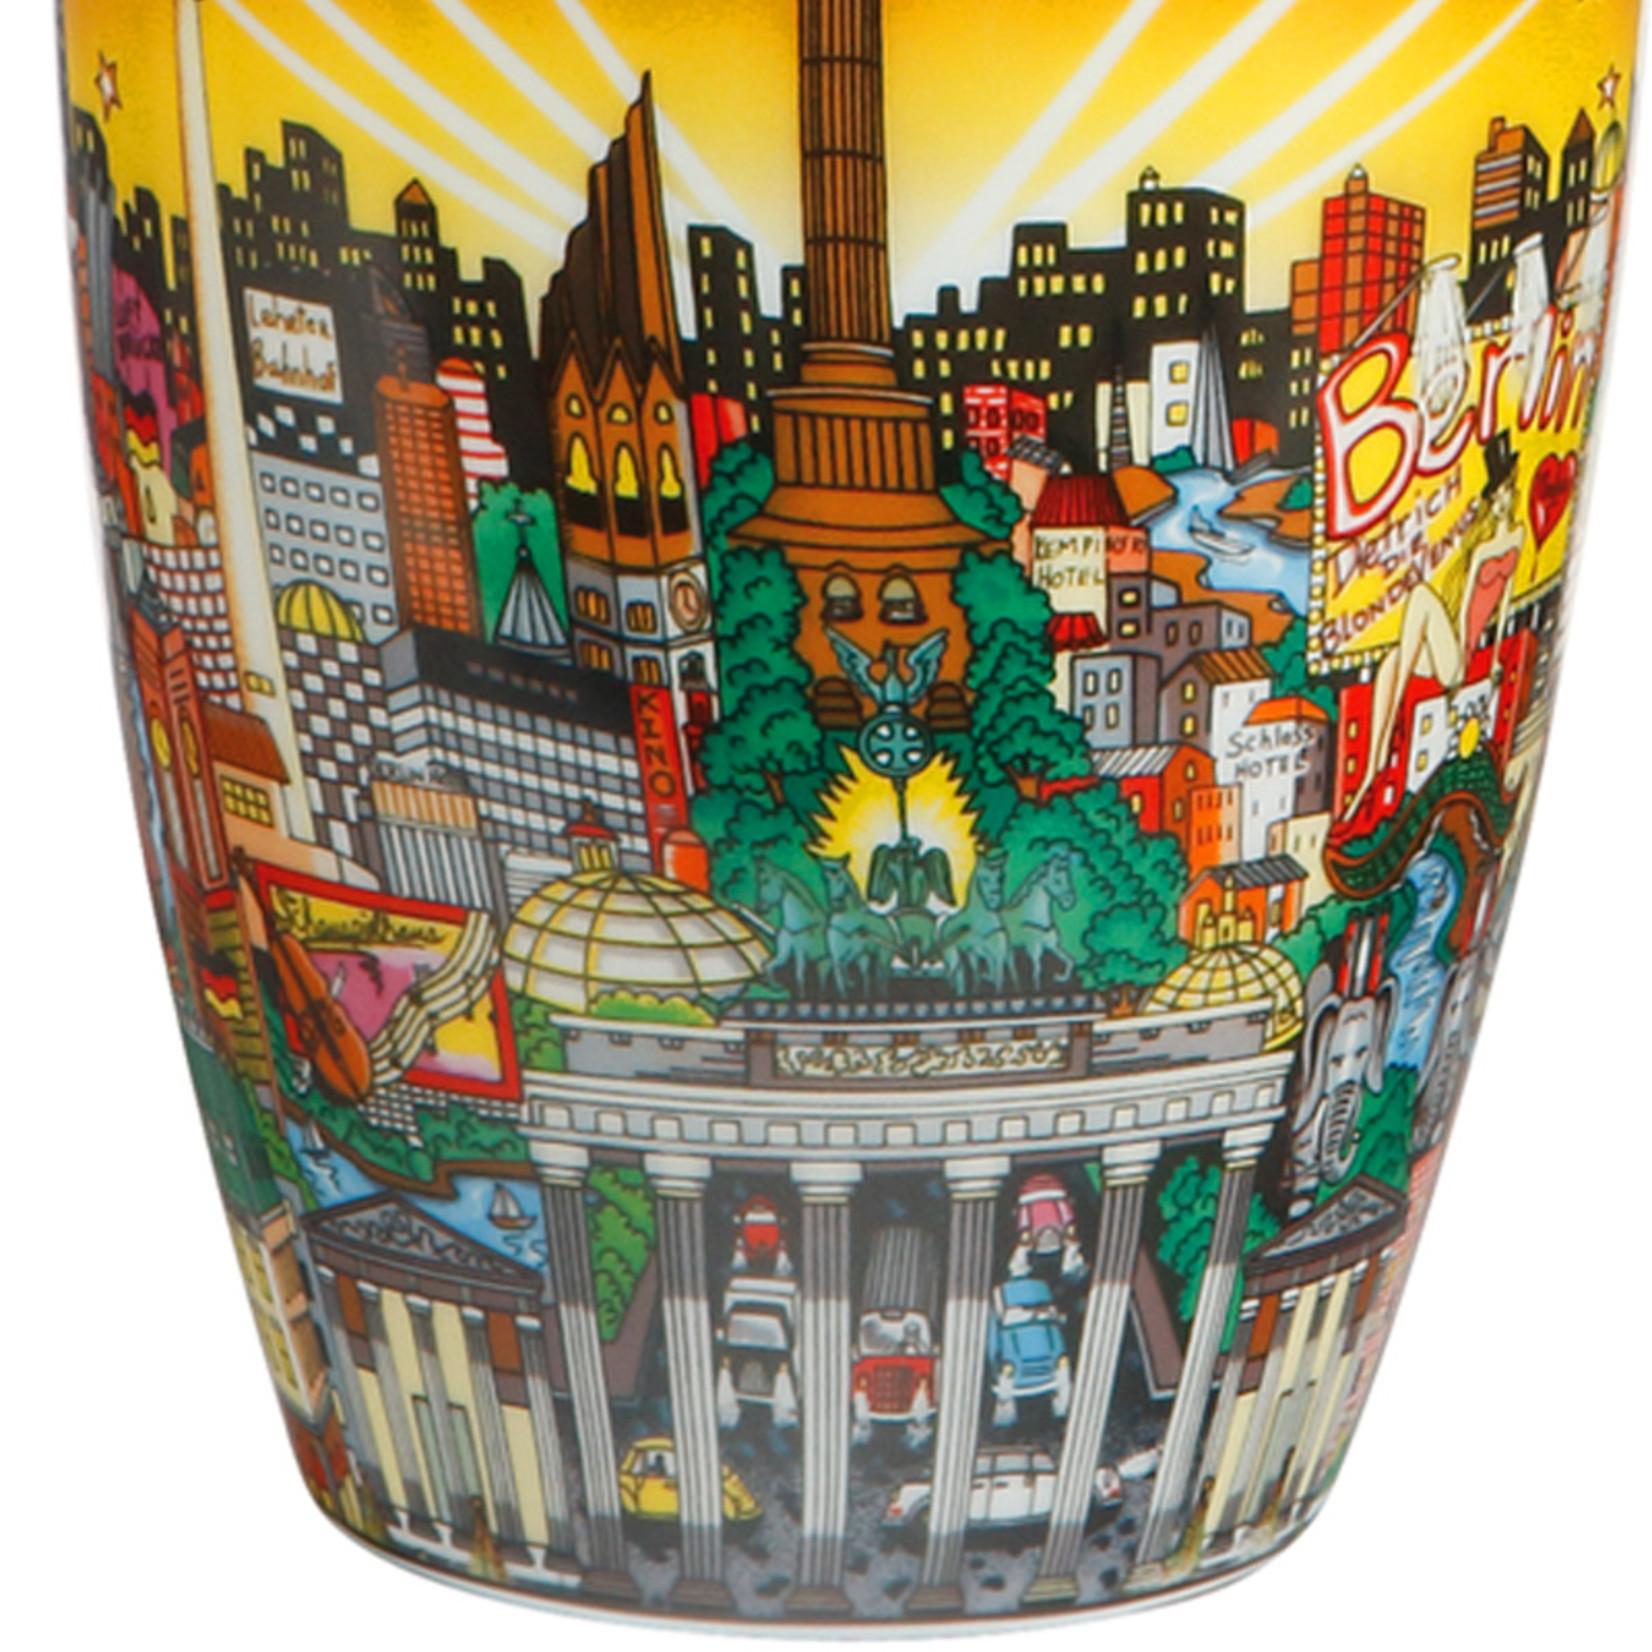 Goebel Porzellanmanufaktur Vase My Berlin, Your Berlin | Charles Fazzino | Goebel Porzellan